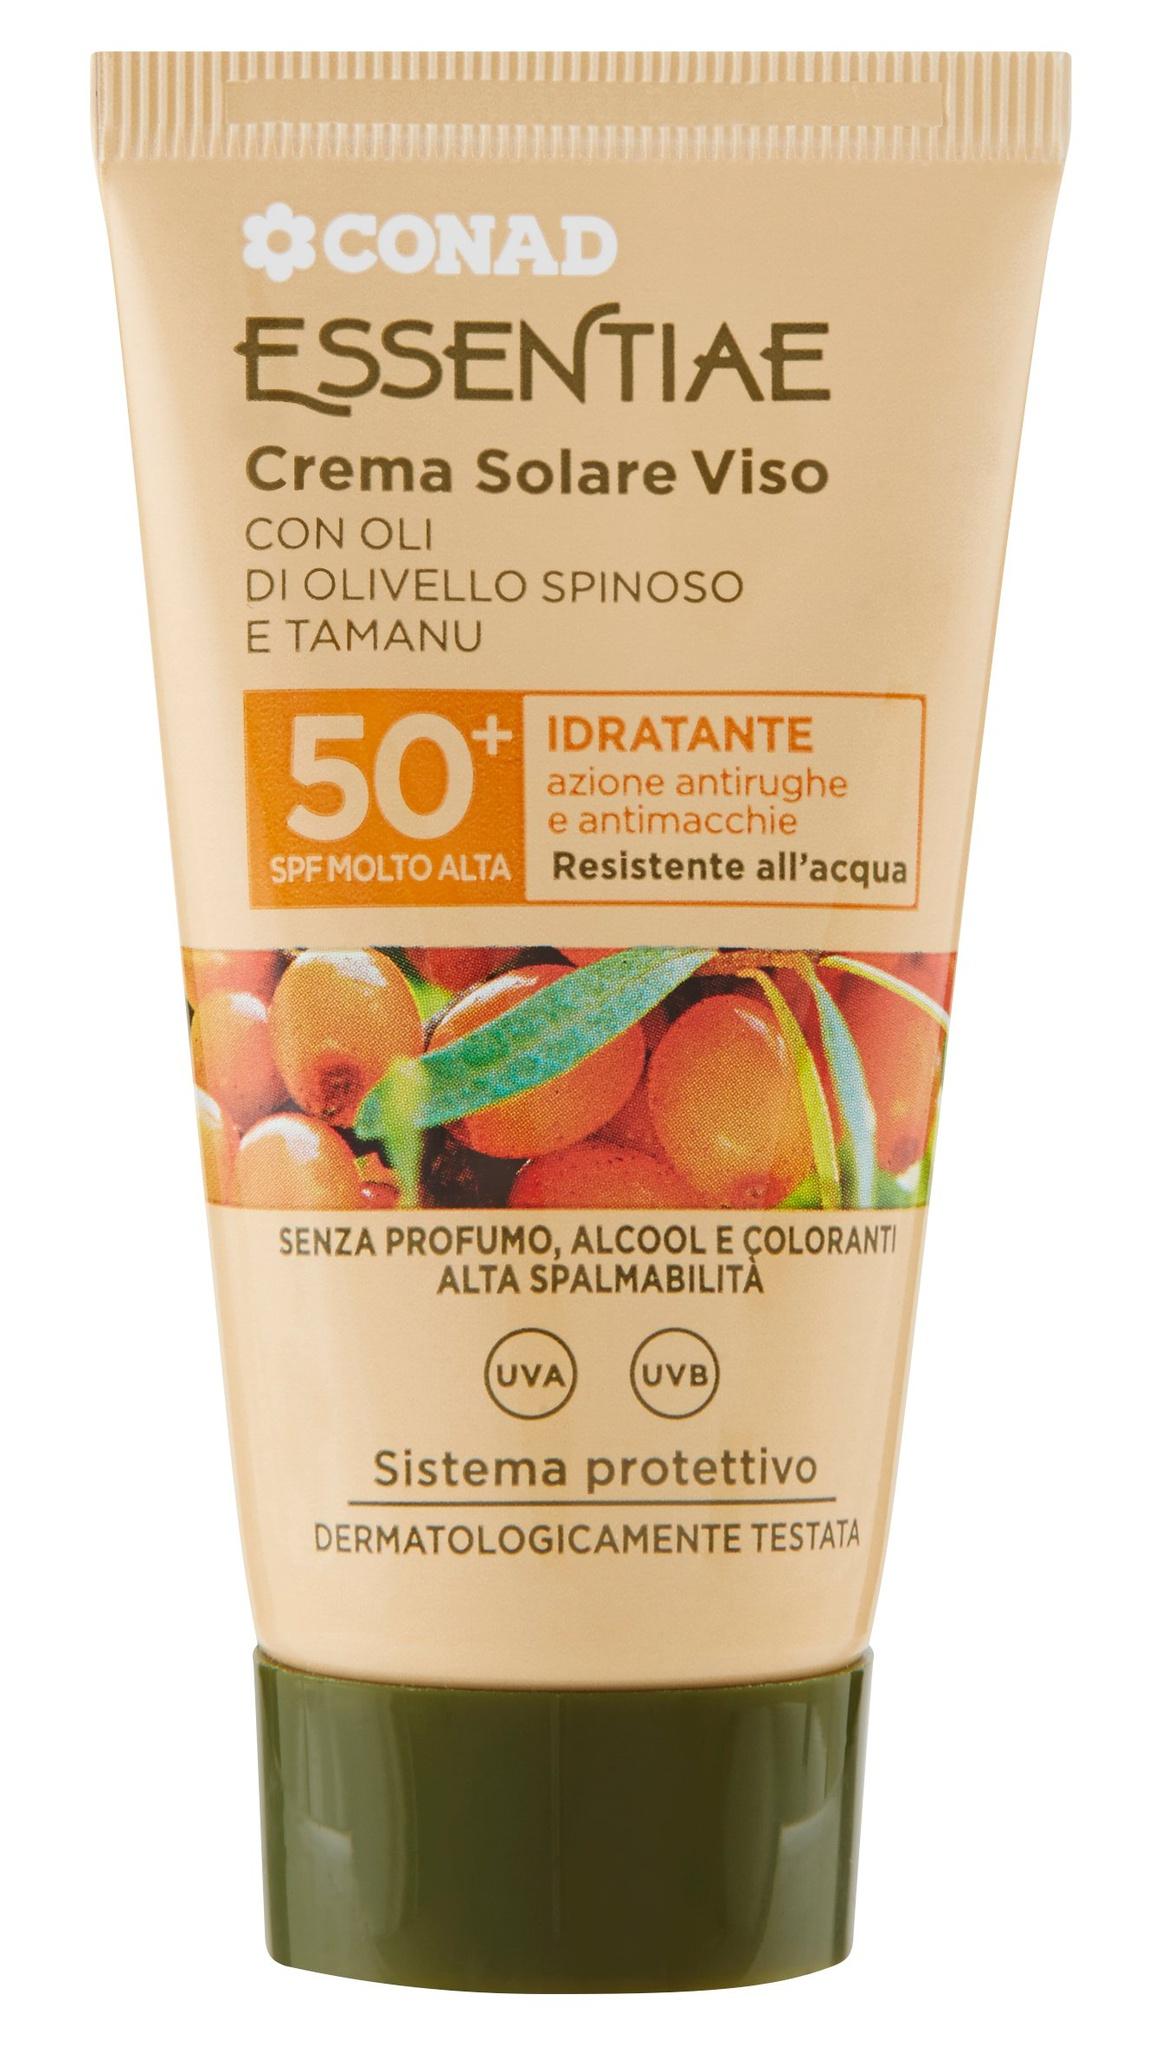 Conad Essentiae Crema Solare Viso 50+